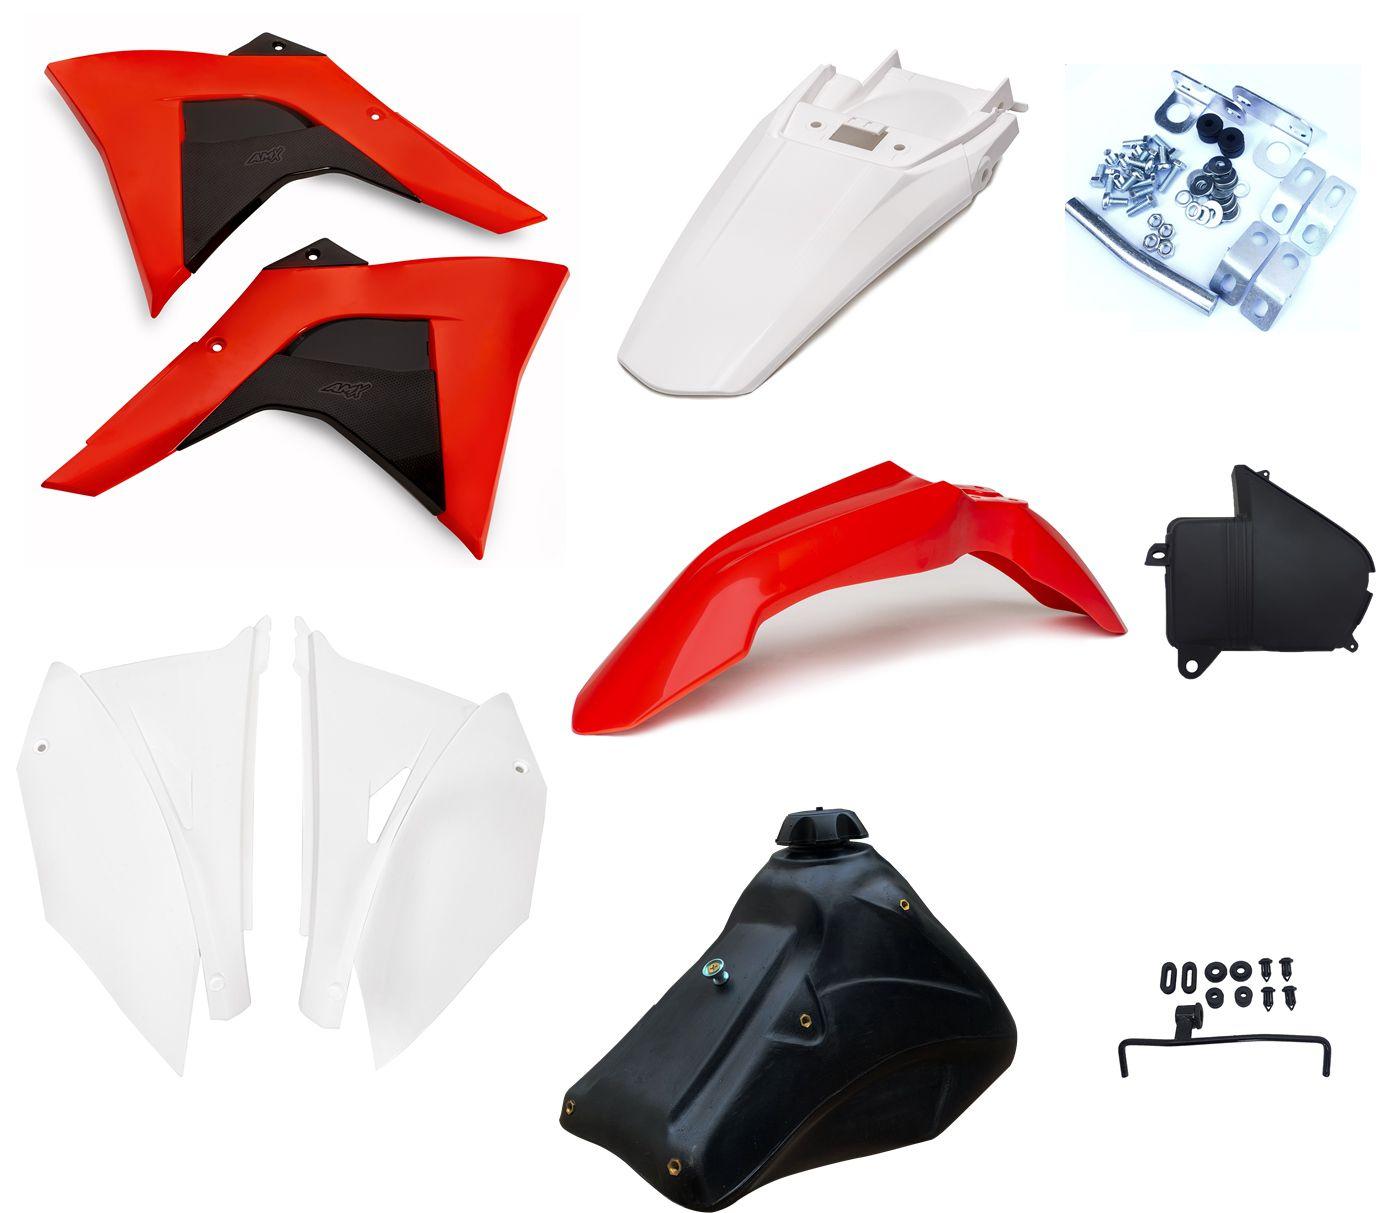 Kit Plástico Amx Adaptável Crf 230 P/ Xr 200 Xr 250 Tornado